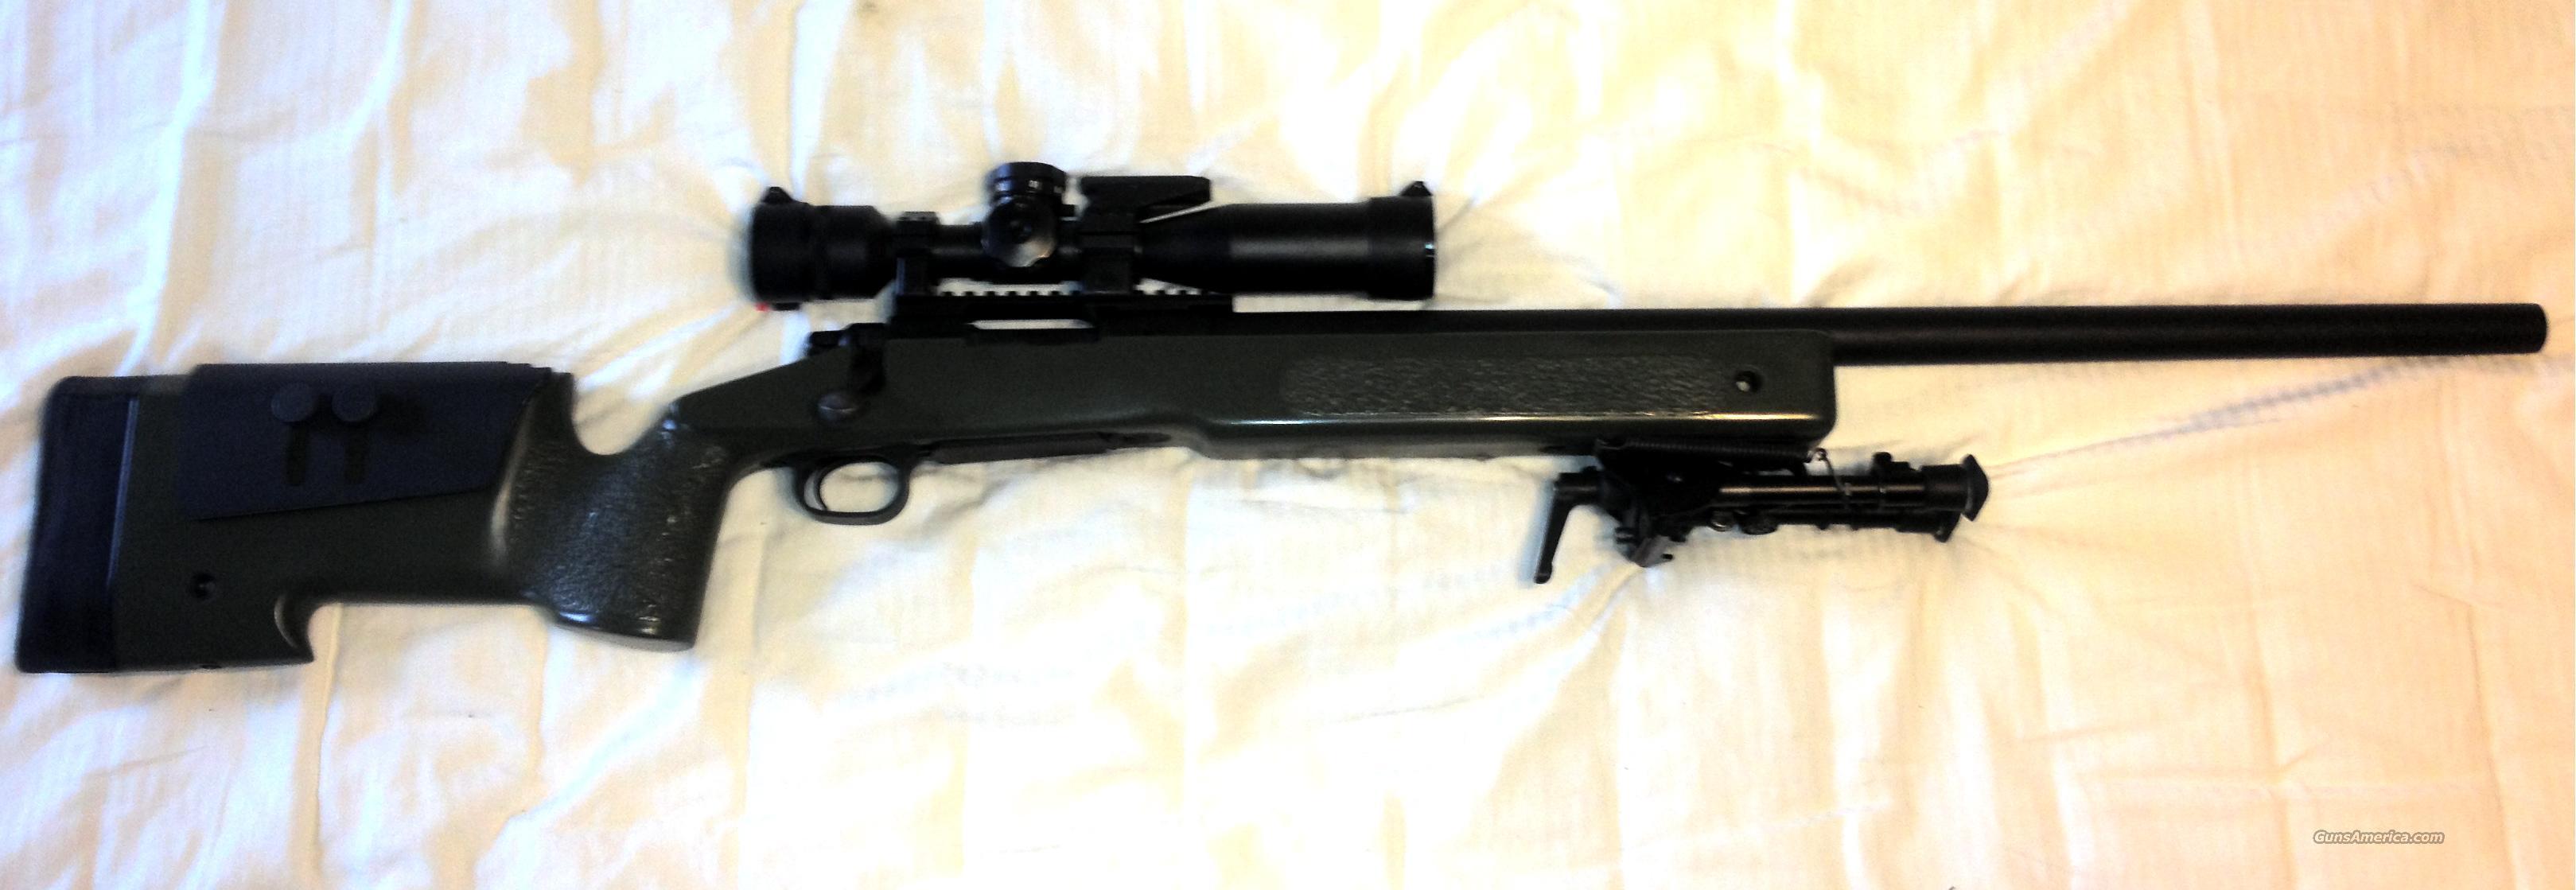 USMC M40 A3 SNIPER RIFLE CLONE for sale